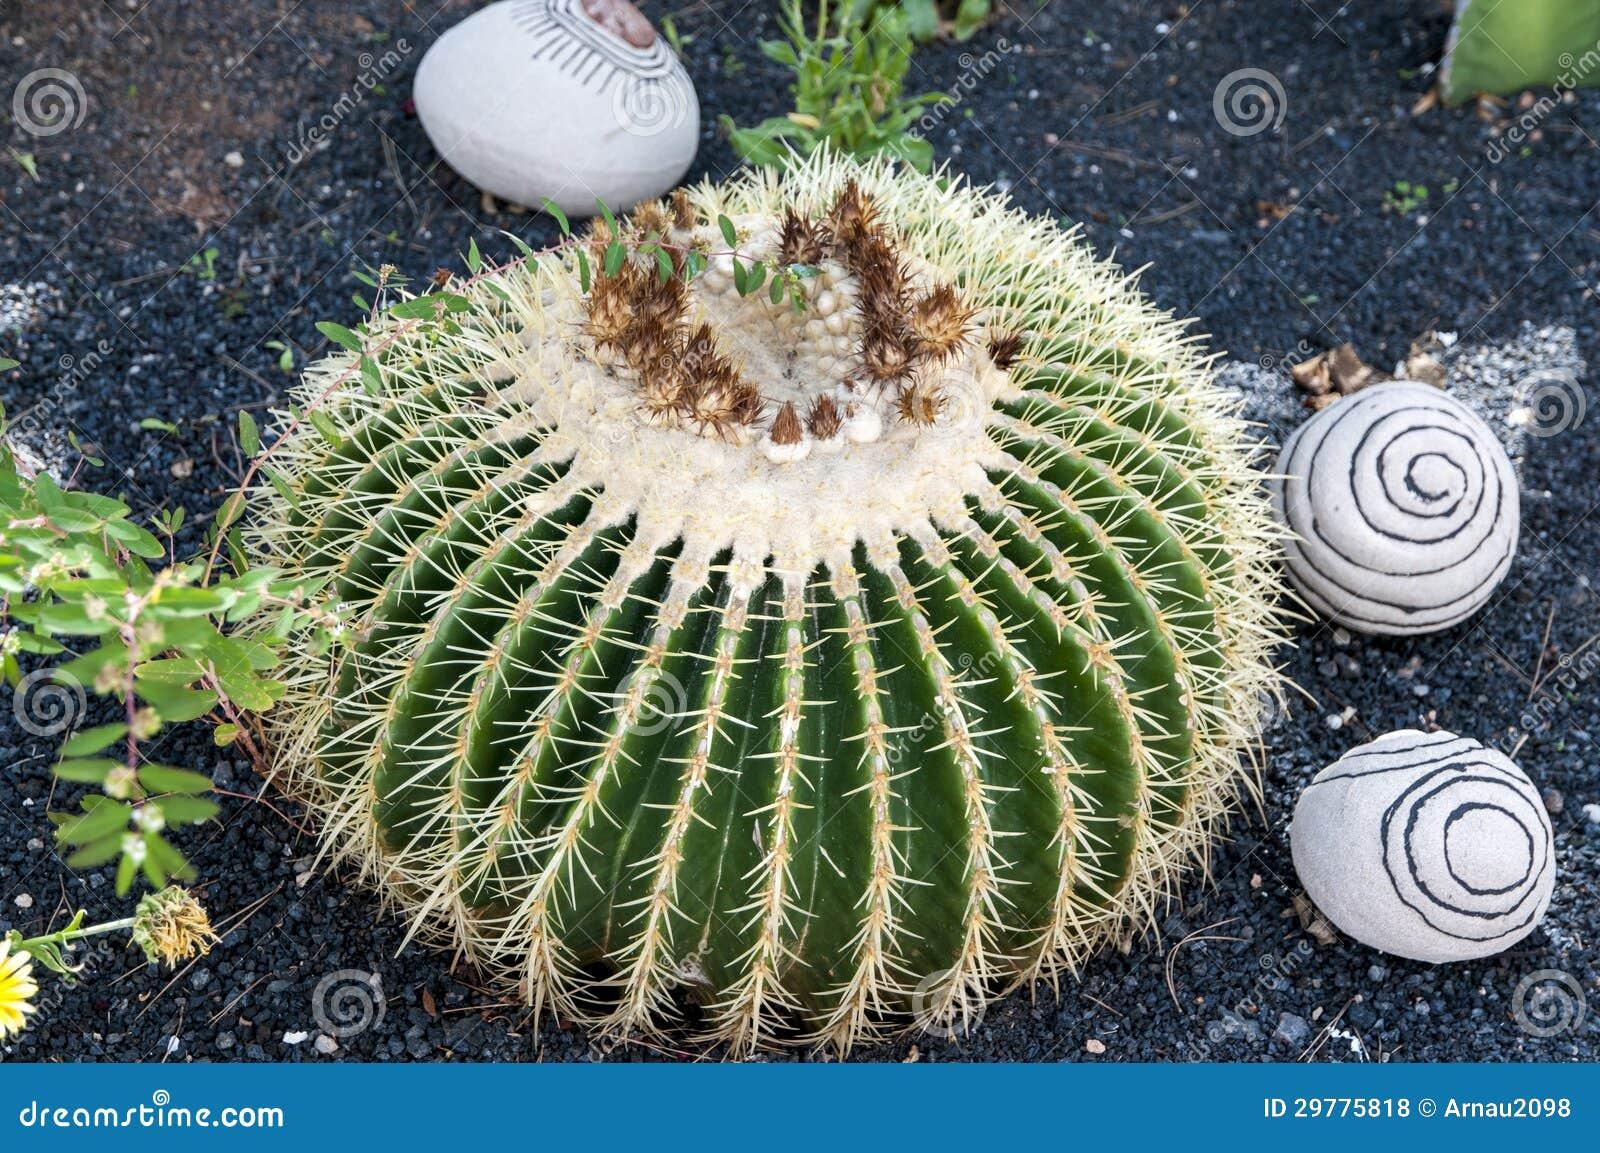 pedras de jardim branca:Decoração Do Jardim Fotos de Stock Royalty Free – Imagem: 29775818